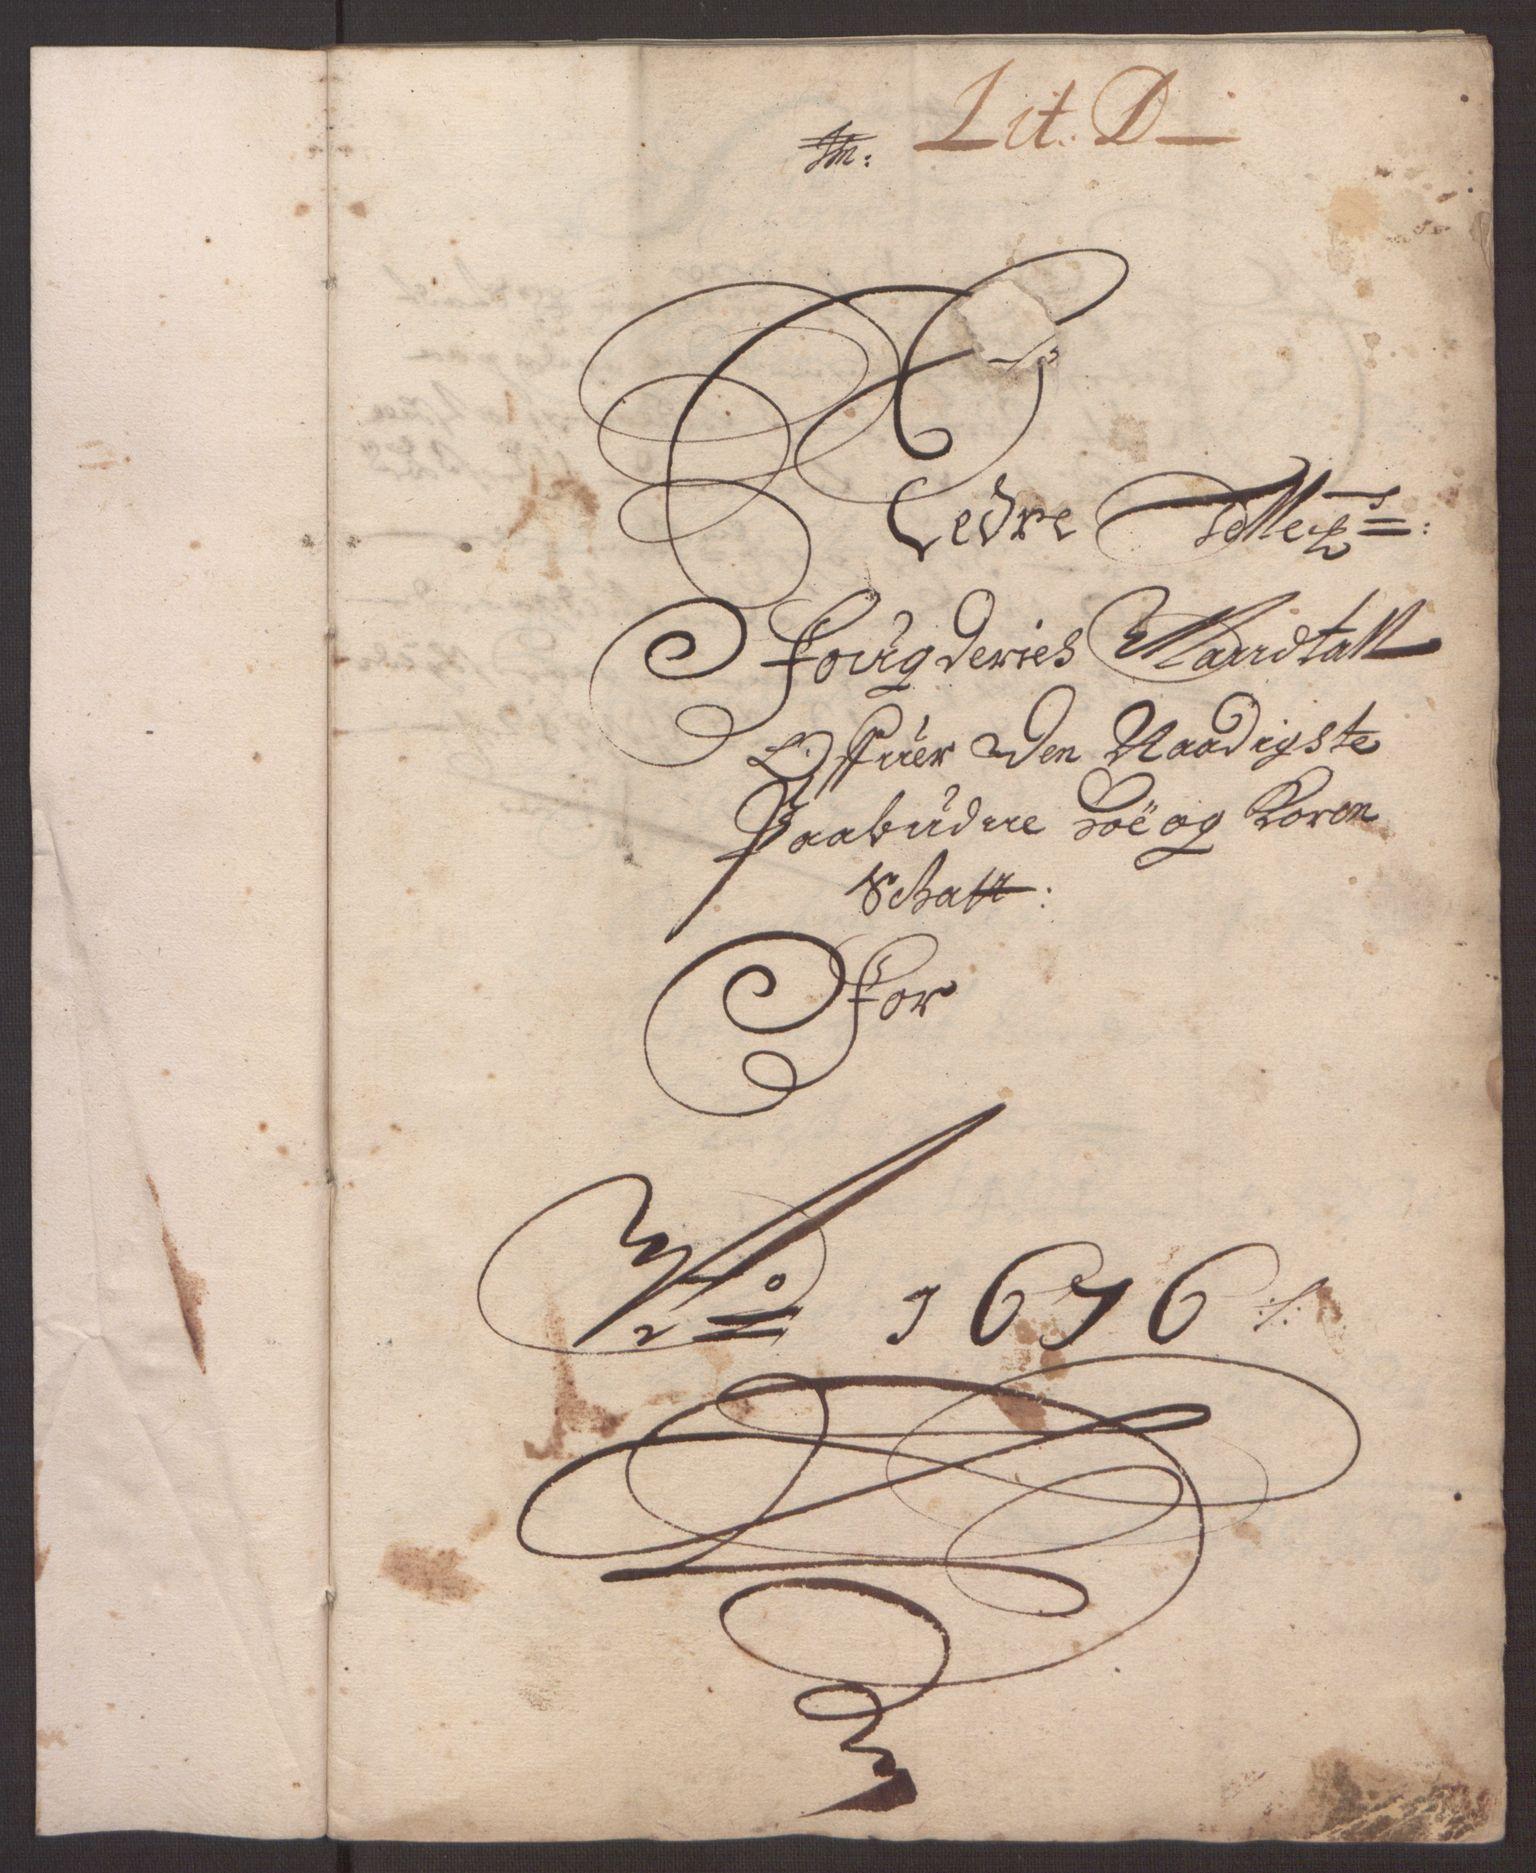 RA, Rentekammeret inntil 1814, Reviderte regnskaper, Fogderegnskap, R35/L2066: Fogderegnskap Øvre og Nedre Telemark, 1676, s. 60